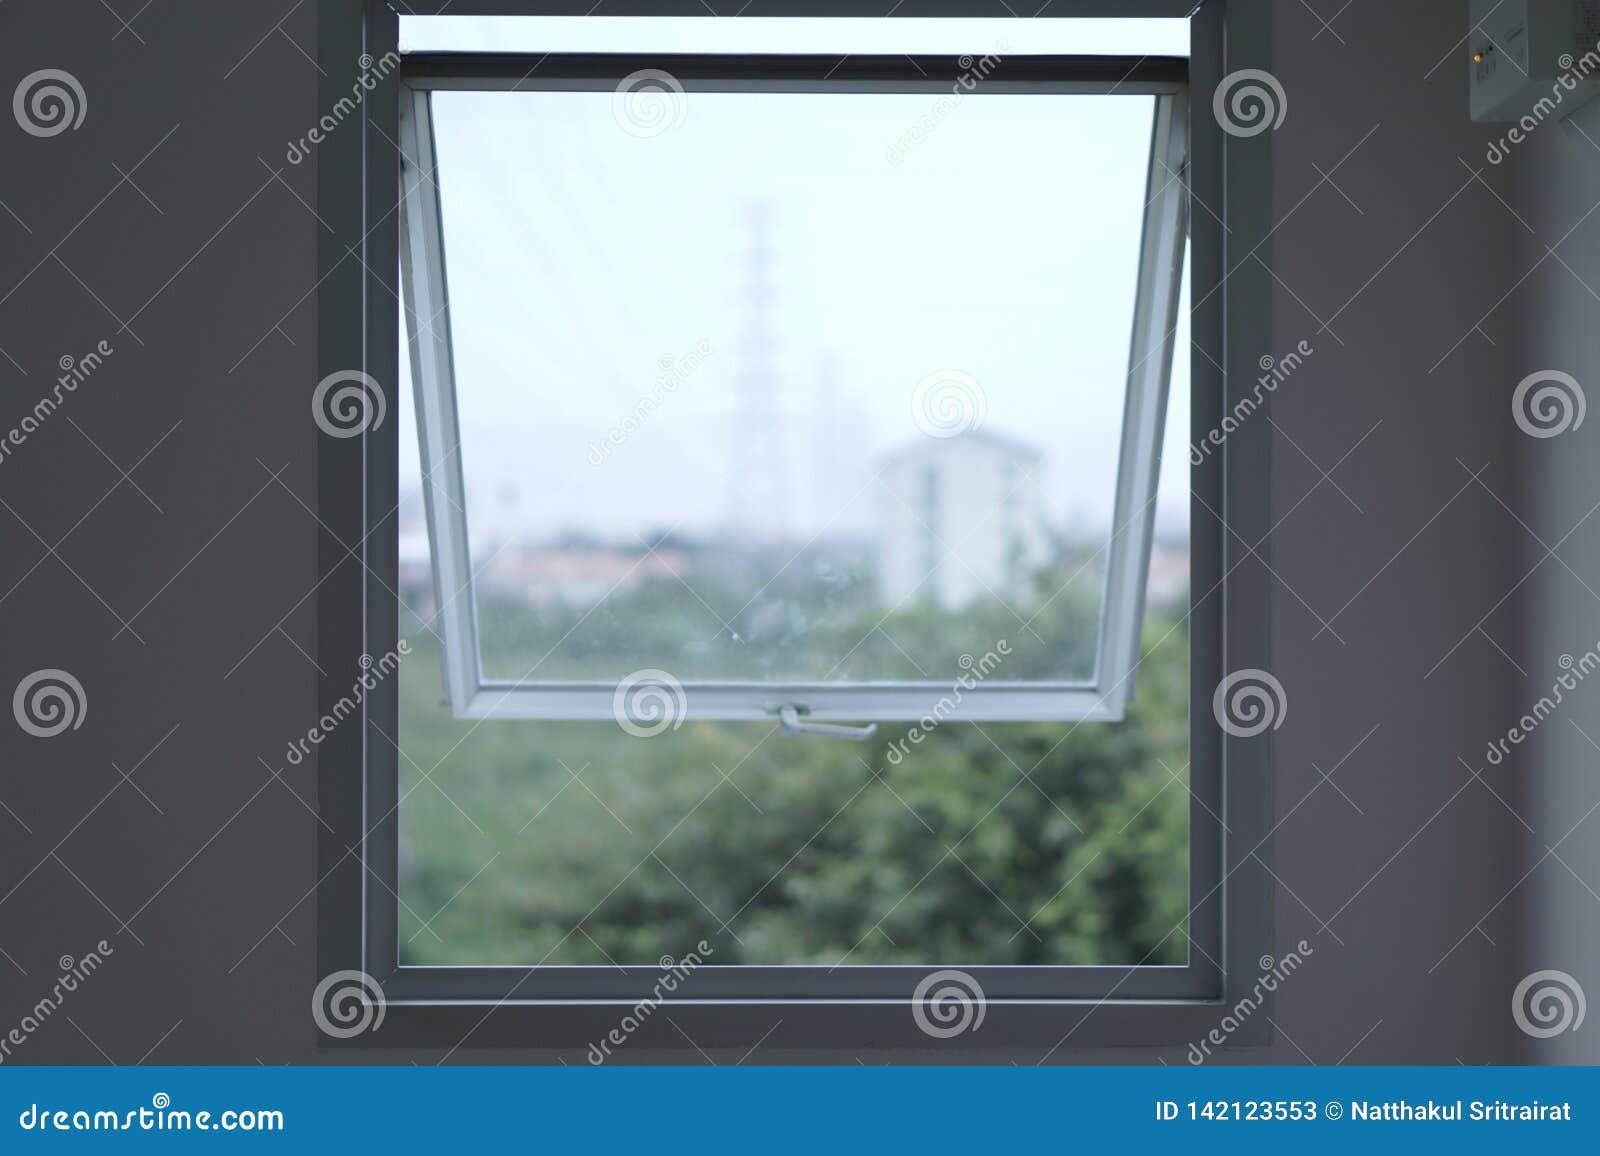 Ένα παράθυρο είναι όχι μόνο το παράθυρο